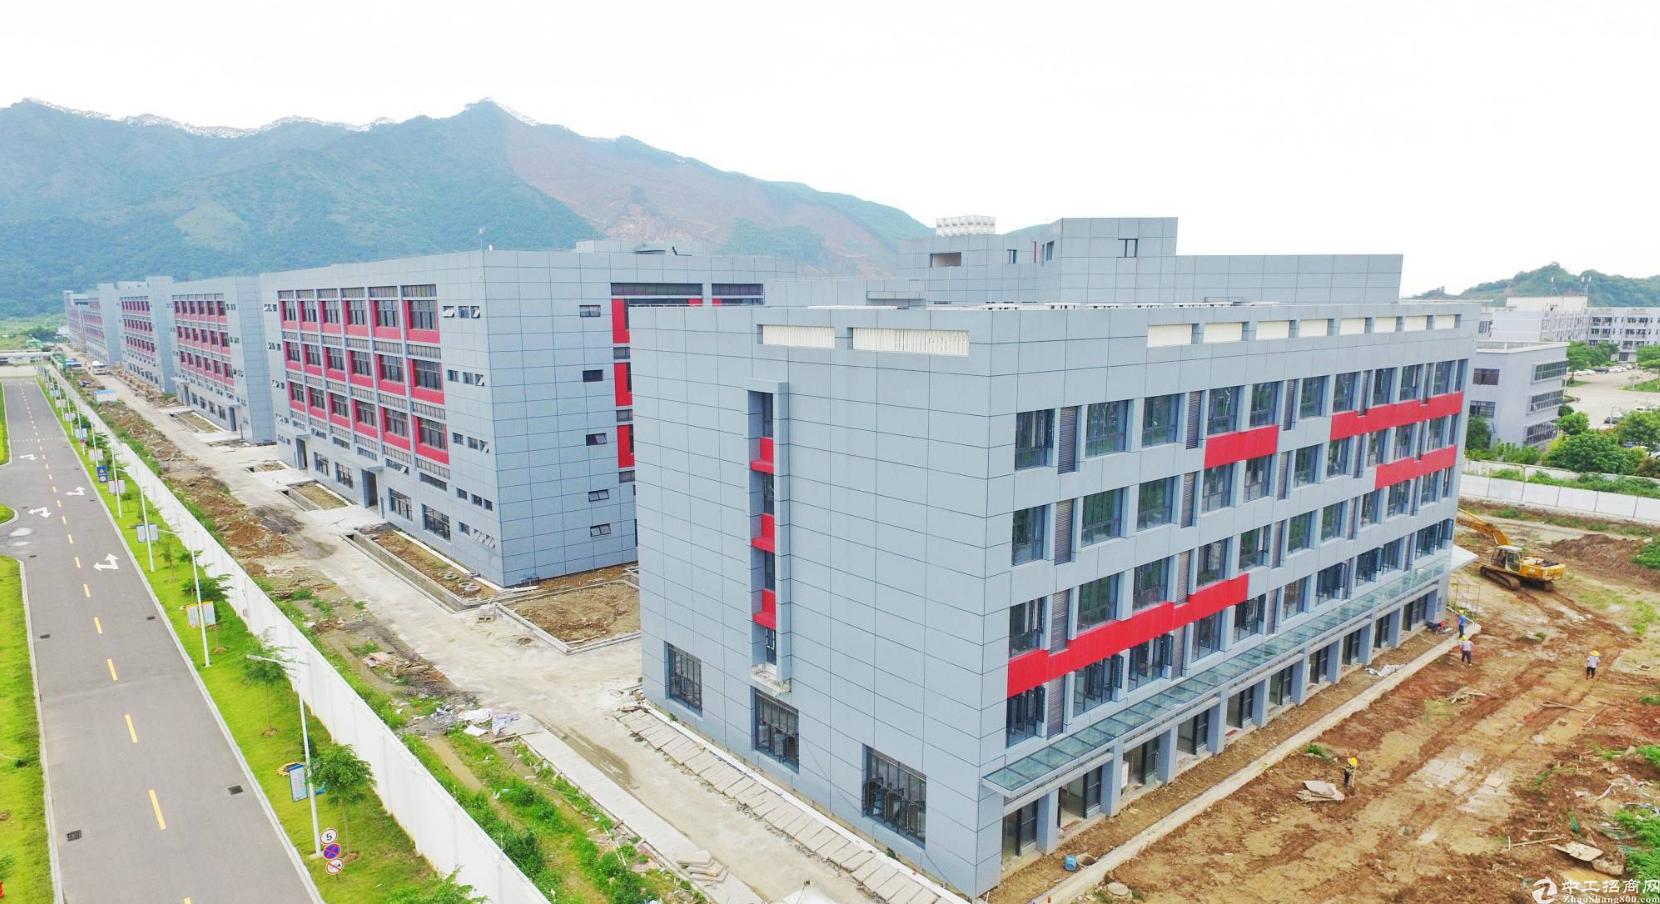 高要区全新厂房出租丨配套完善丨产业升级基地丨可直接入场